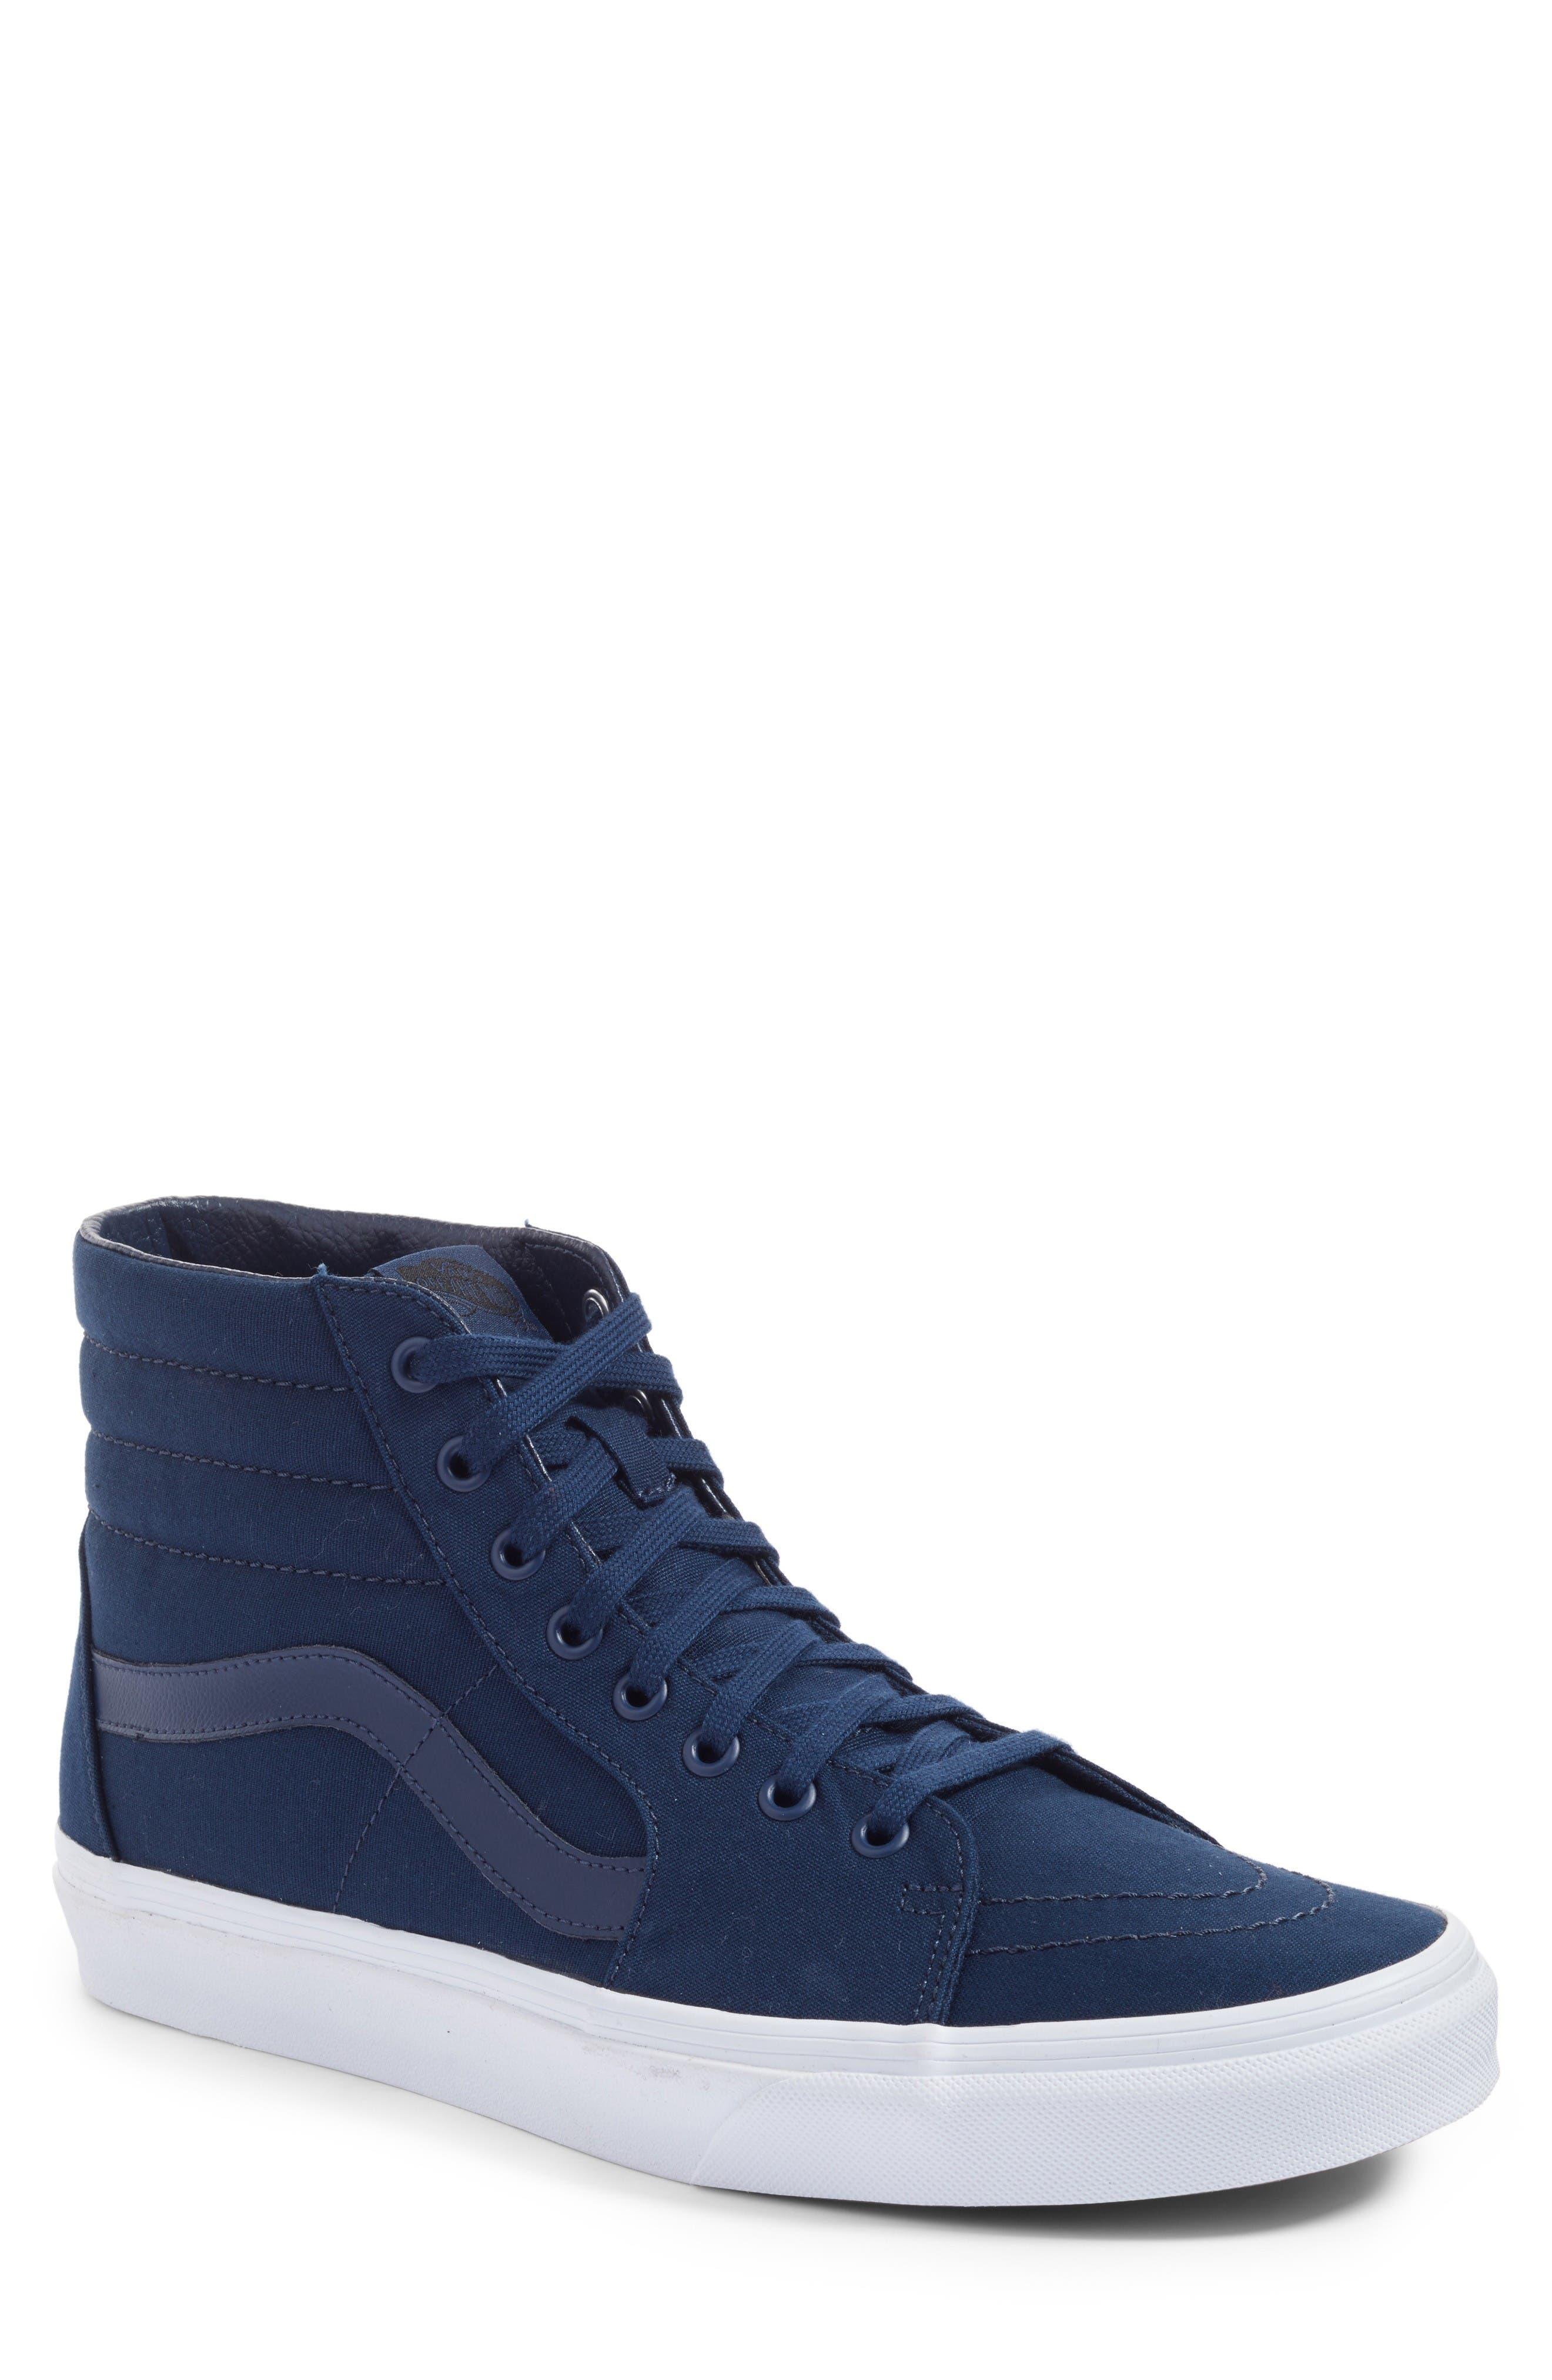 Alternate Image 1 Selected - Vans 'Sk8-Hi' Sneaker (Men)